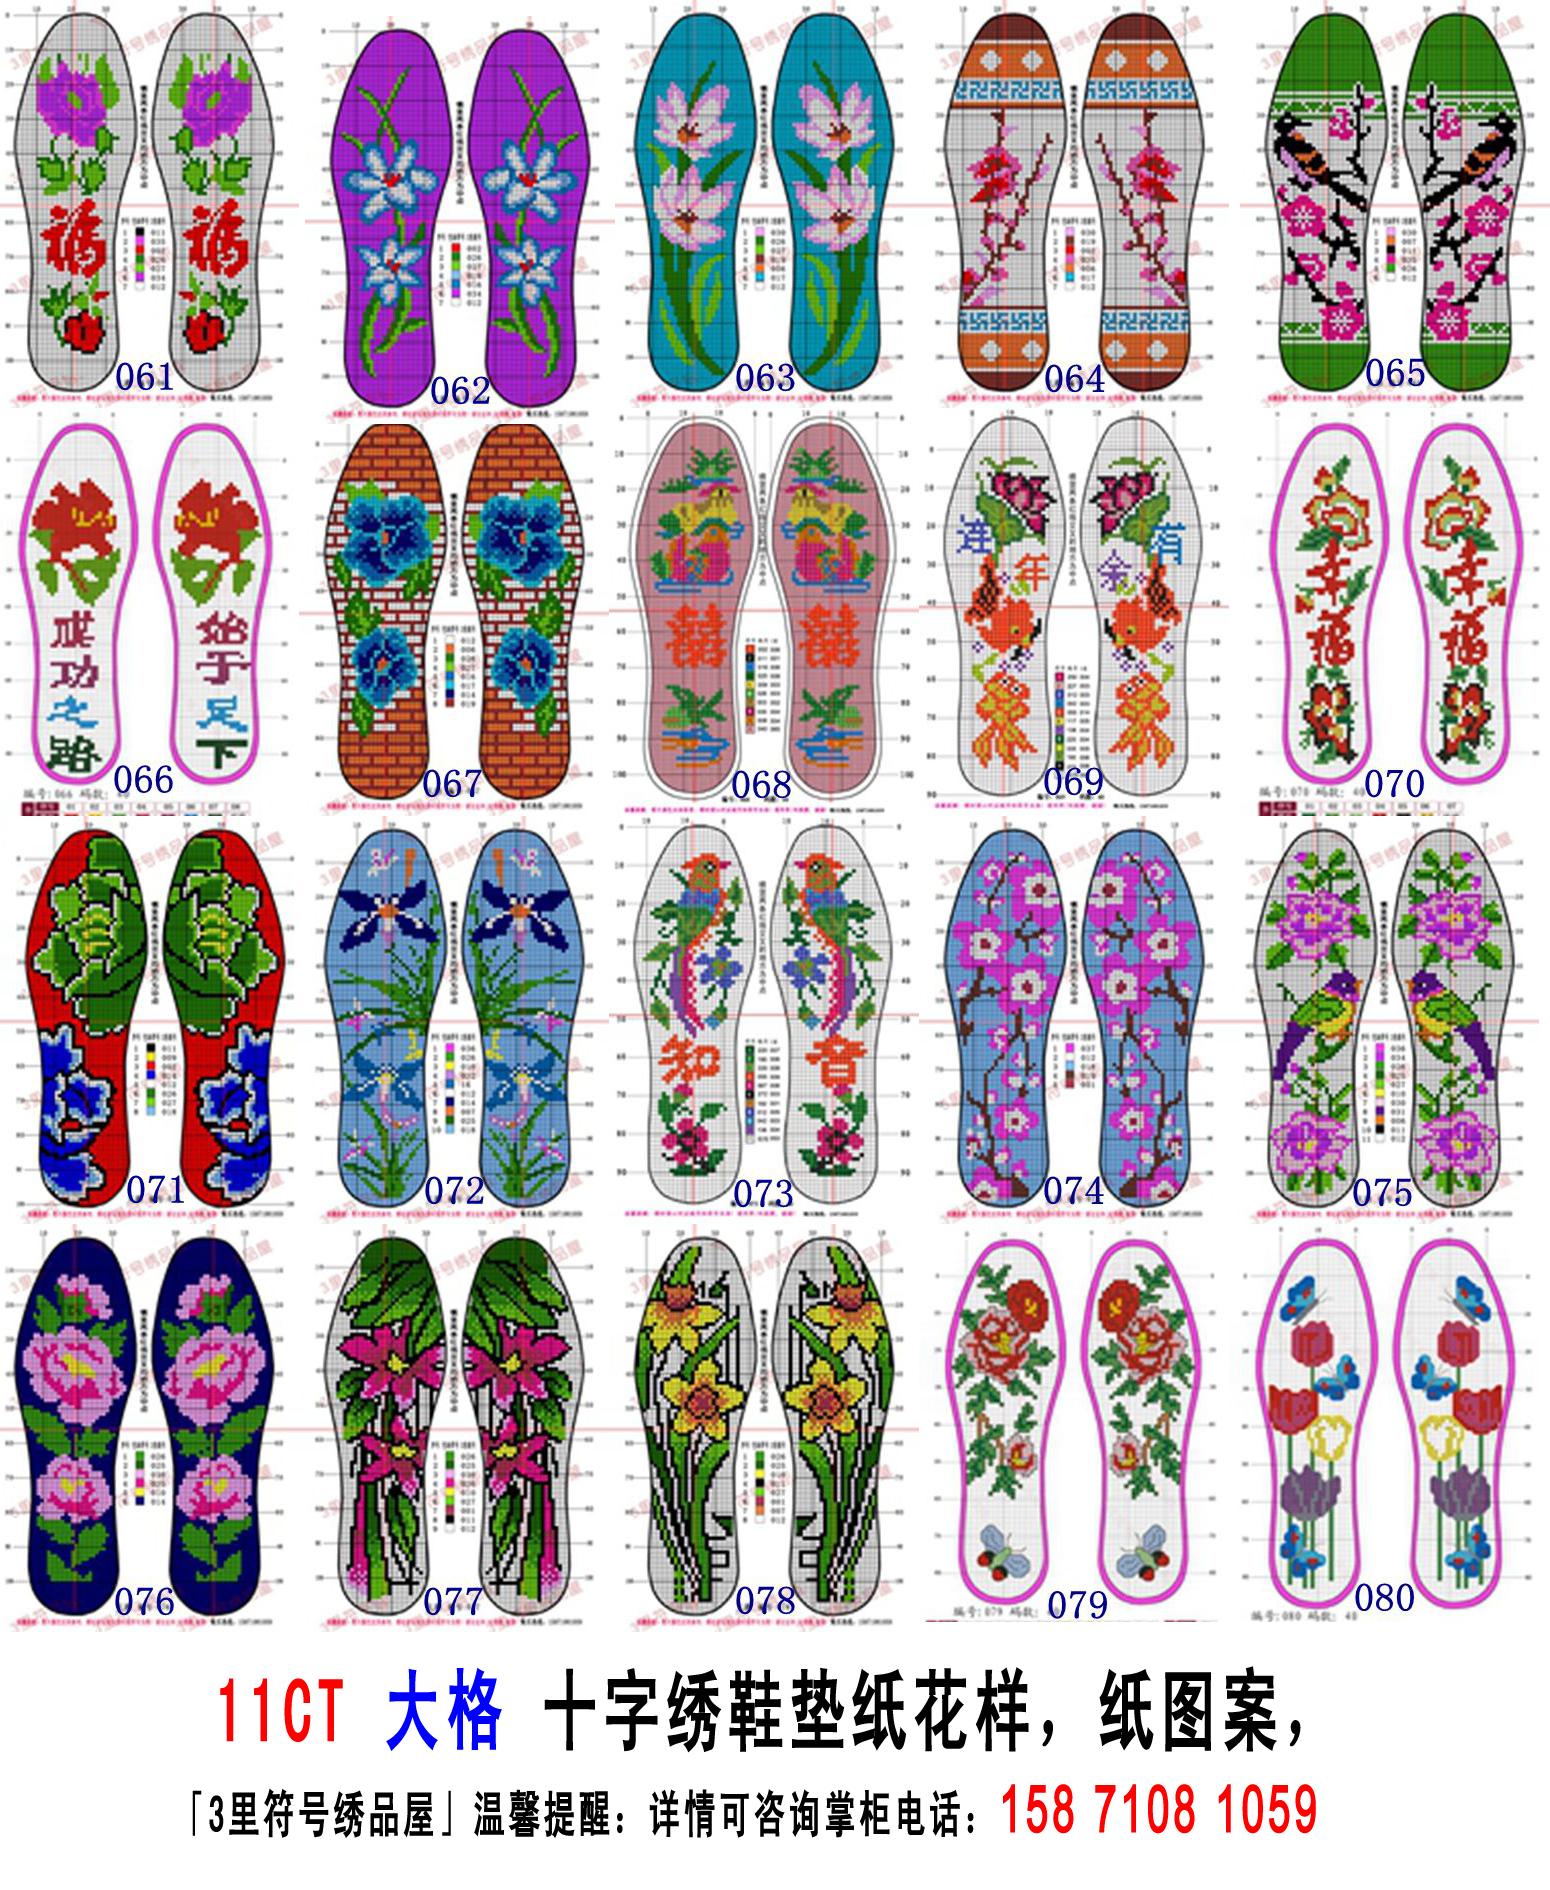 D组11CT大格漂亮吉祥花草针孔十字绣鞋垫图案纸袜垫花样男女适用